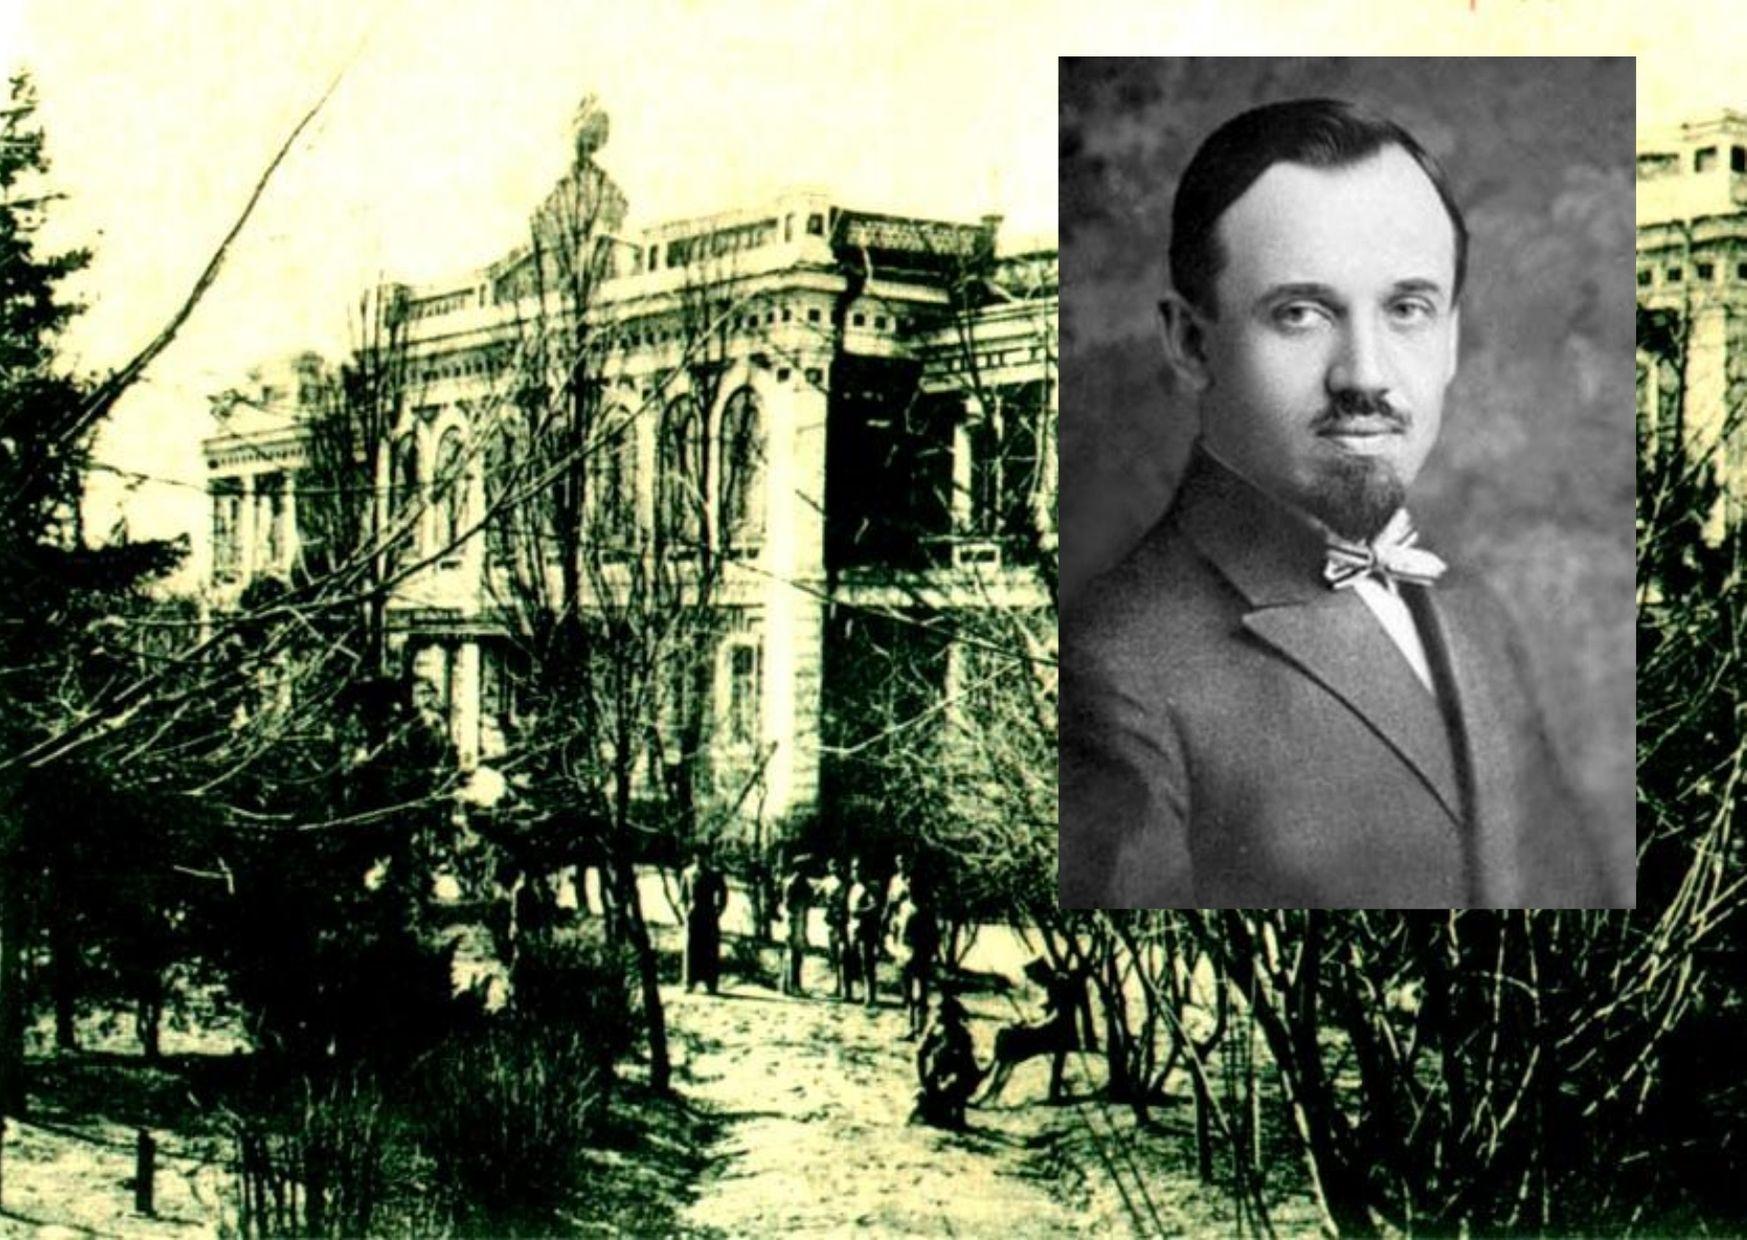 Колаж із двох фотографій, фото Ольгерда Іполита Бочковського та фото Єлисаветградського земського училища із старовинної листівки.